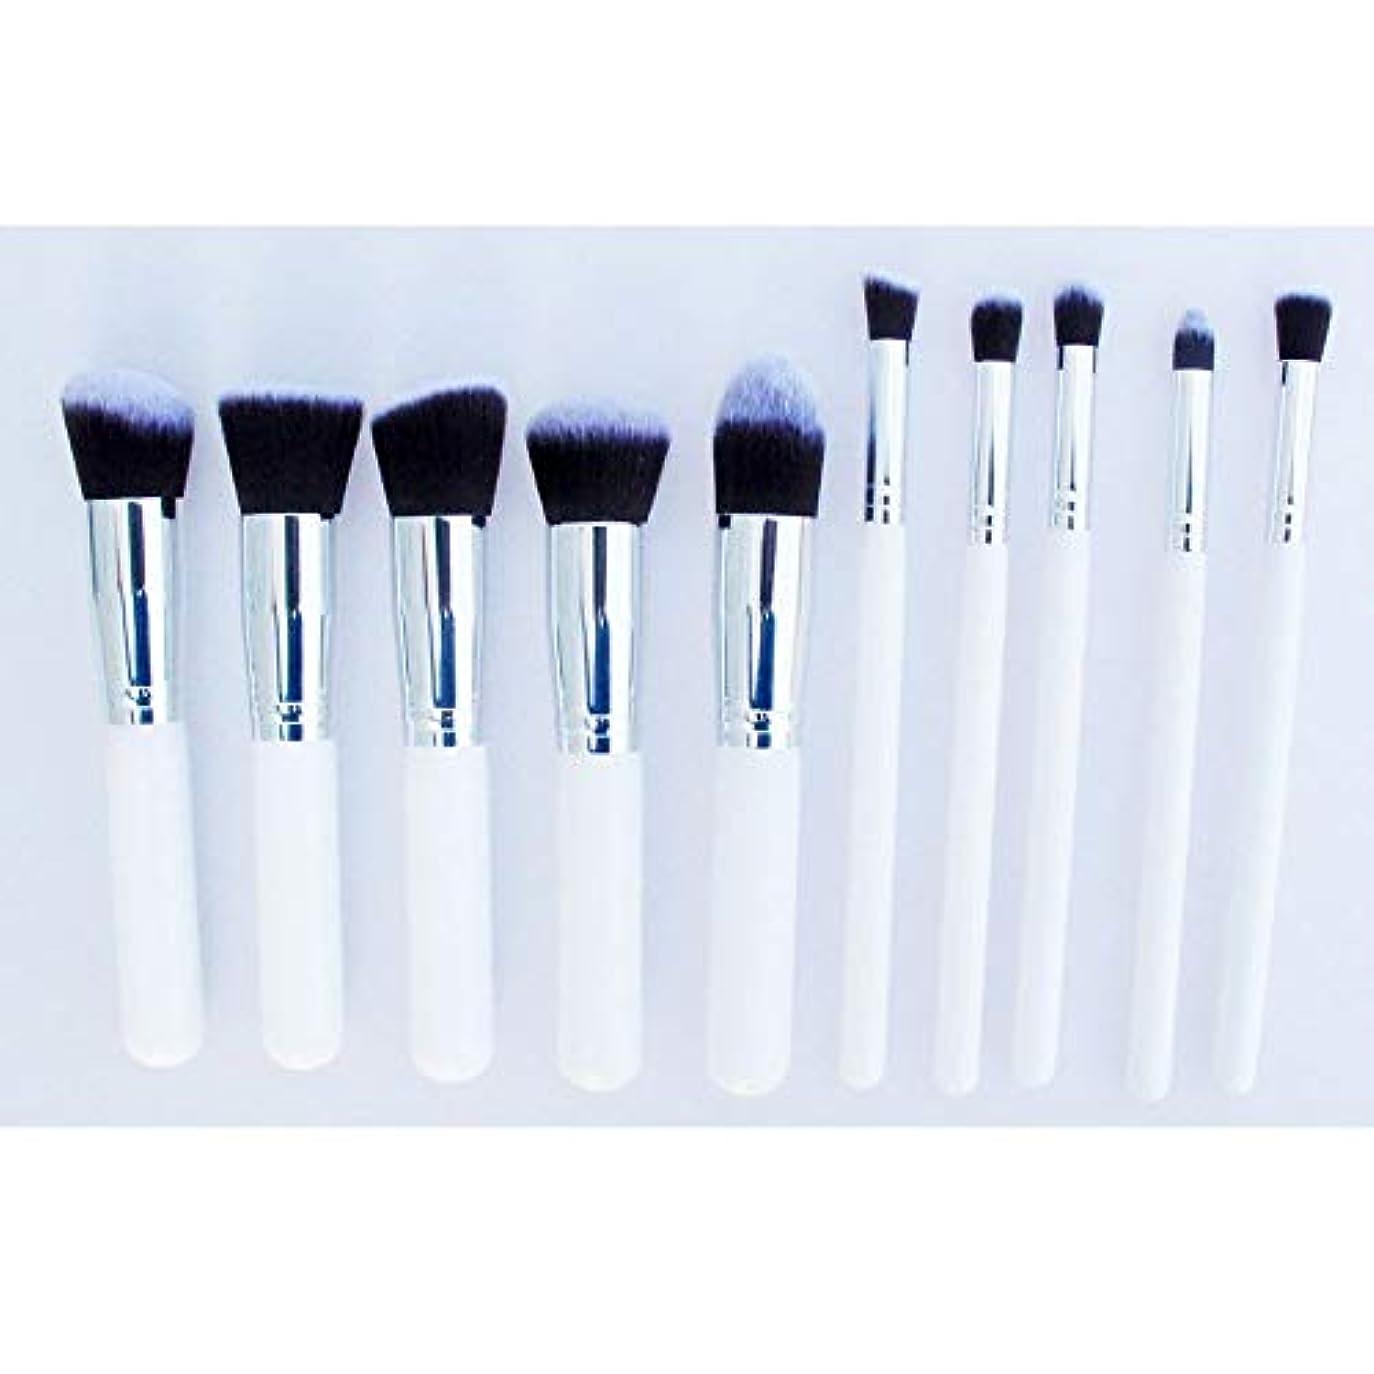 周術期キャプチャーロケット化粧品 10本セット 化粧ブラシセット プロ メイクブラシ 人気化粧筆 超柔らかい フェイシャルメイクアップ 化粧品 美容ツール (Color : Silver)